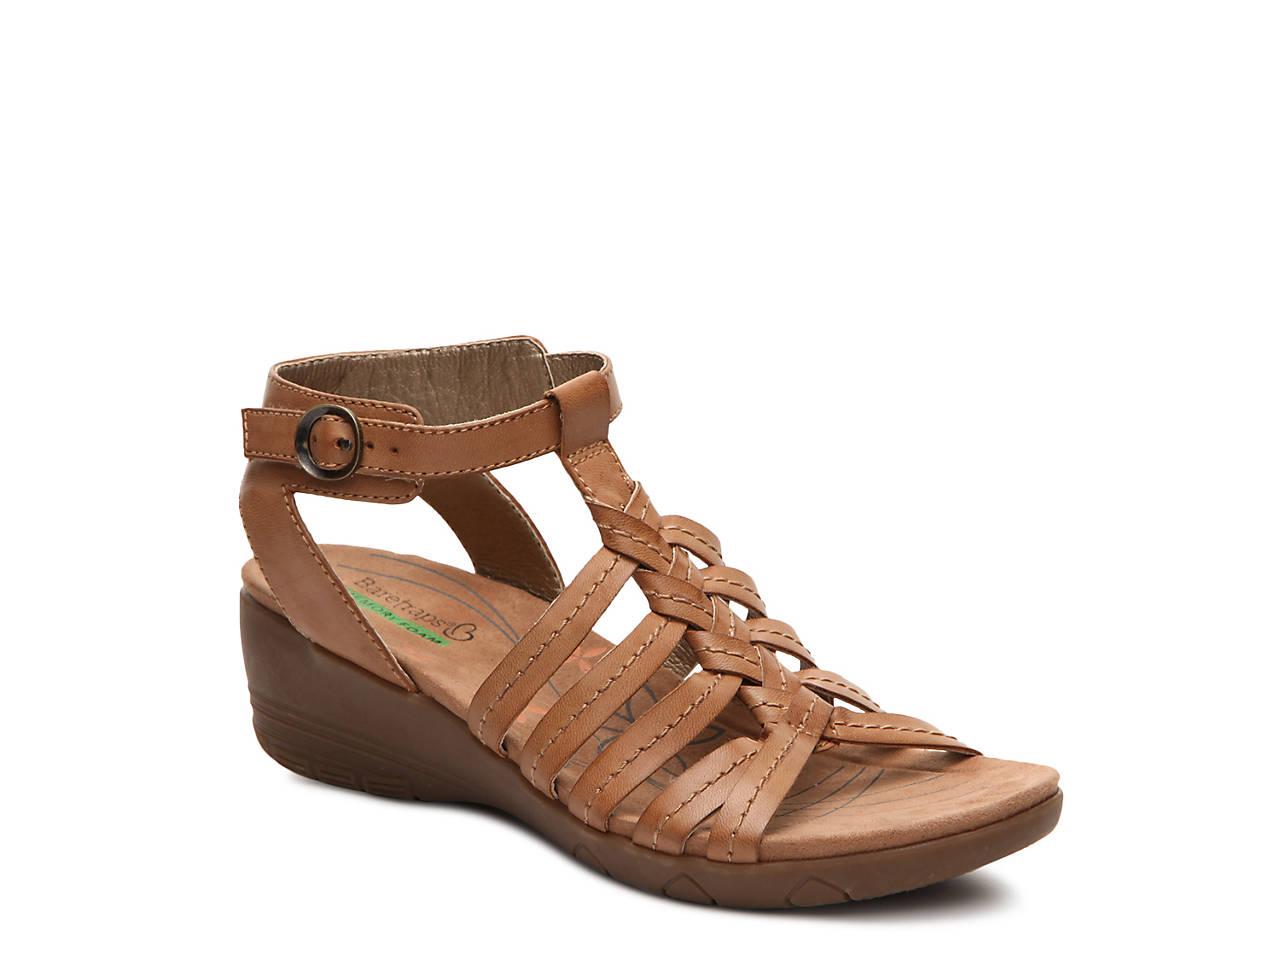 03031cab42 Bare Traps Hanah Wedge Sandal Women's Shoes   DSW